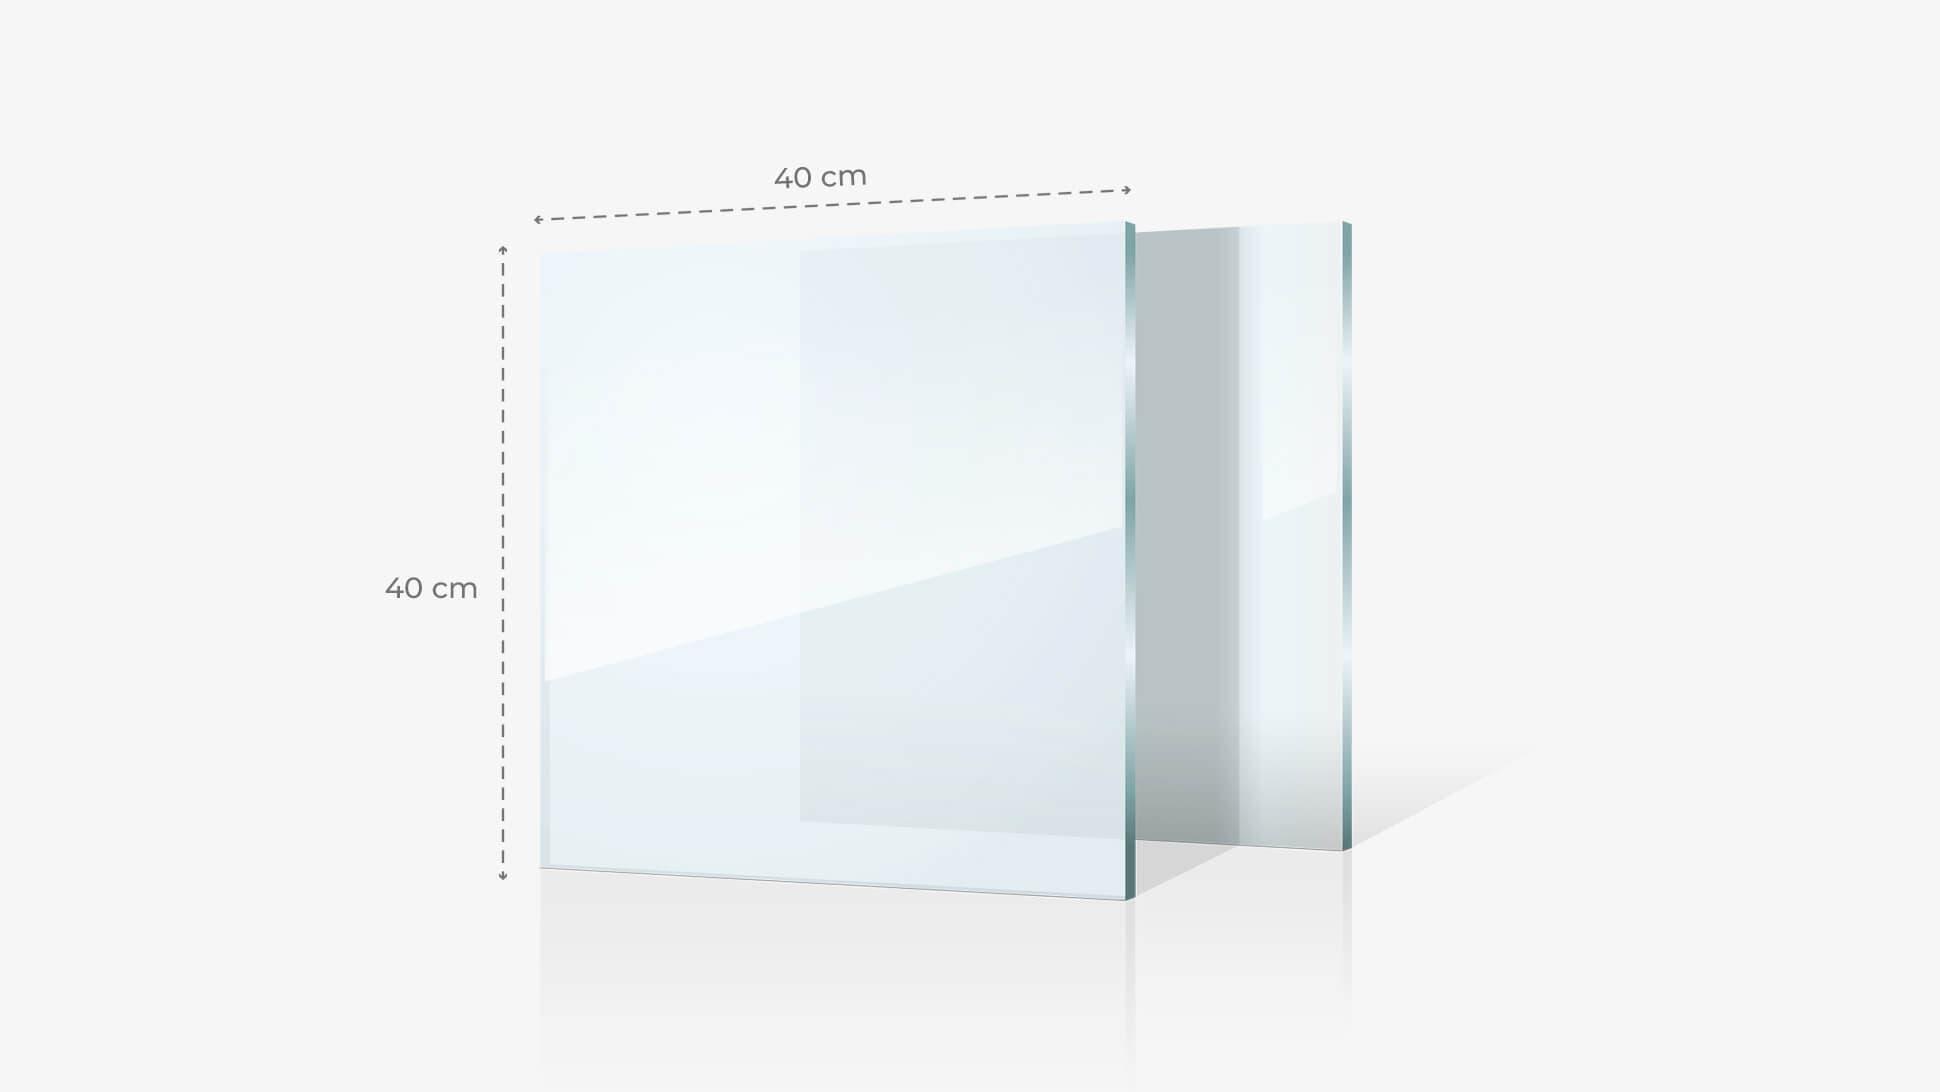 Foto su vetro acrilico 40x40 cm | tictac.it